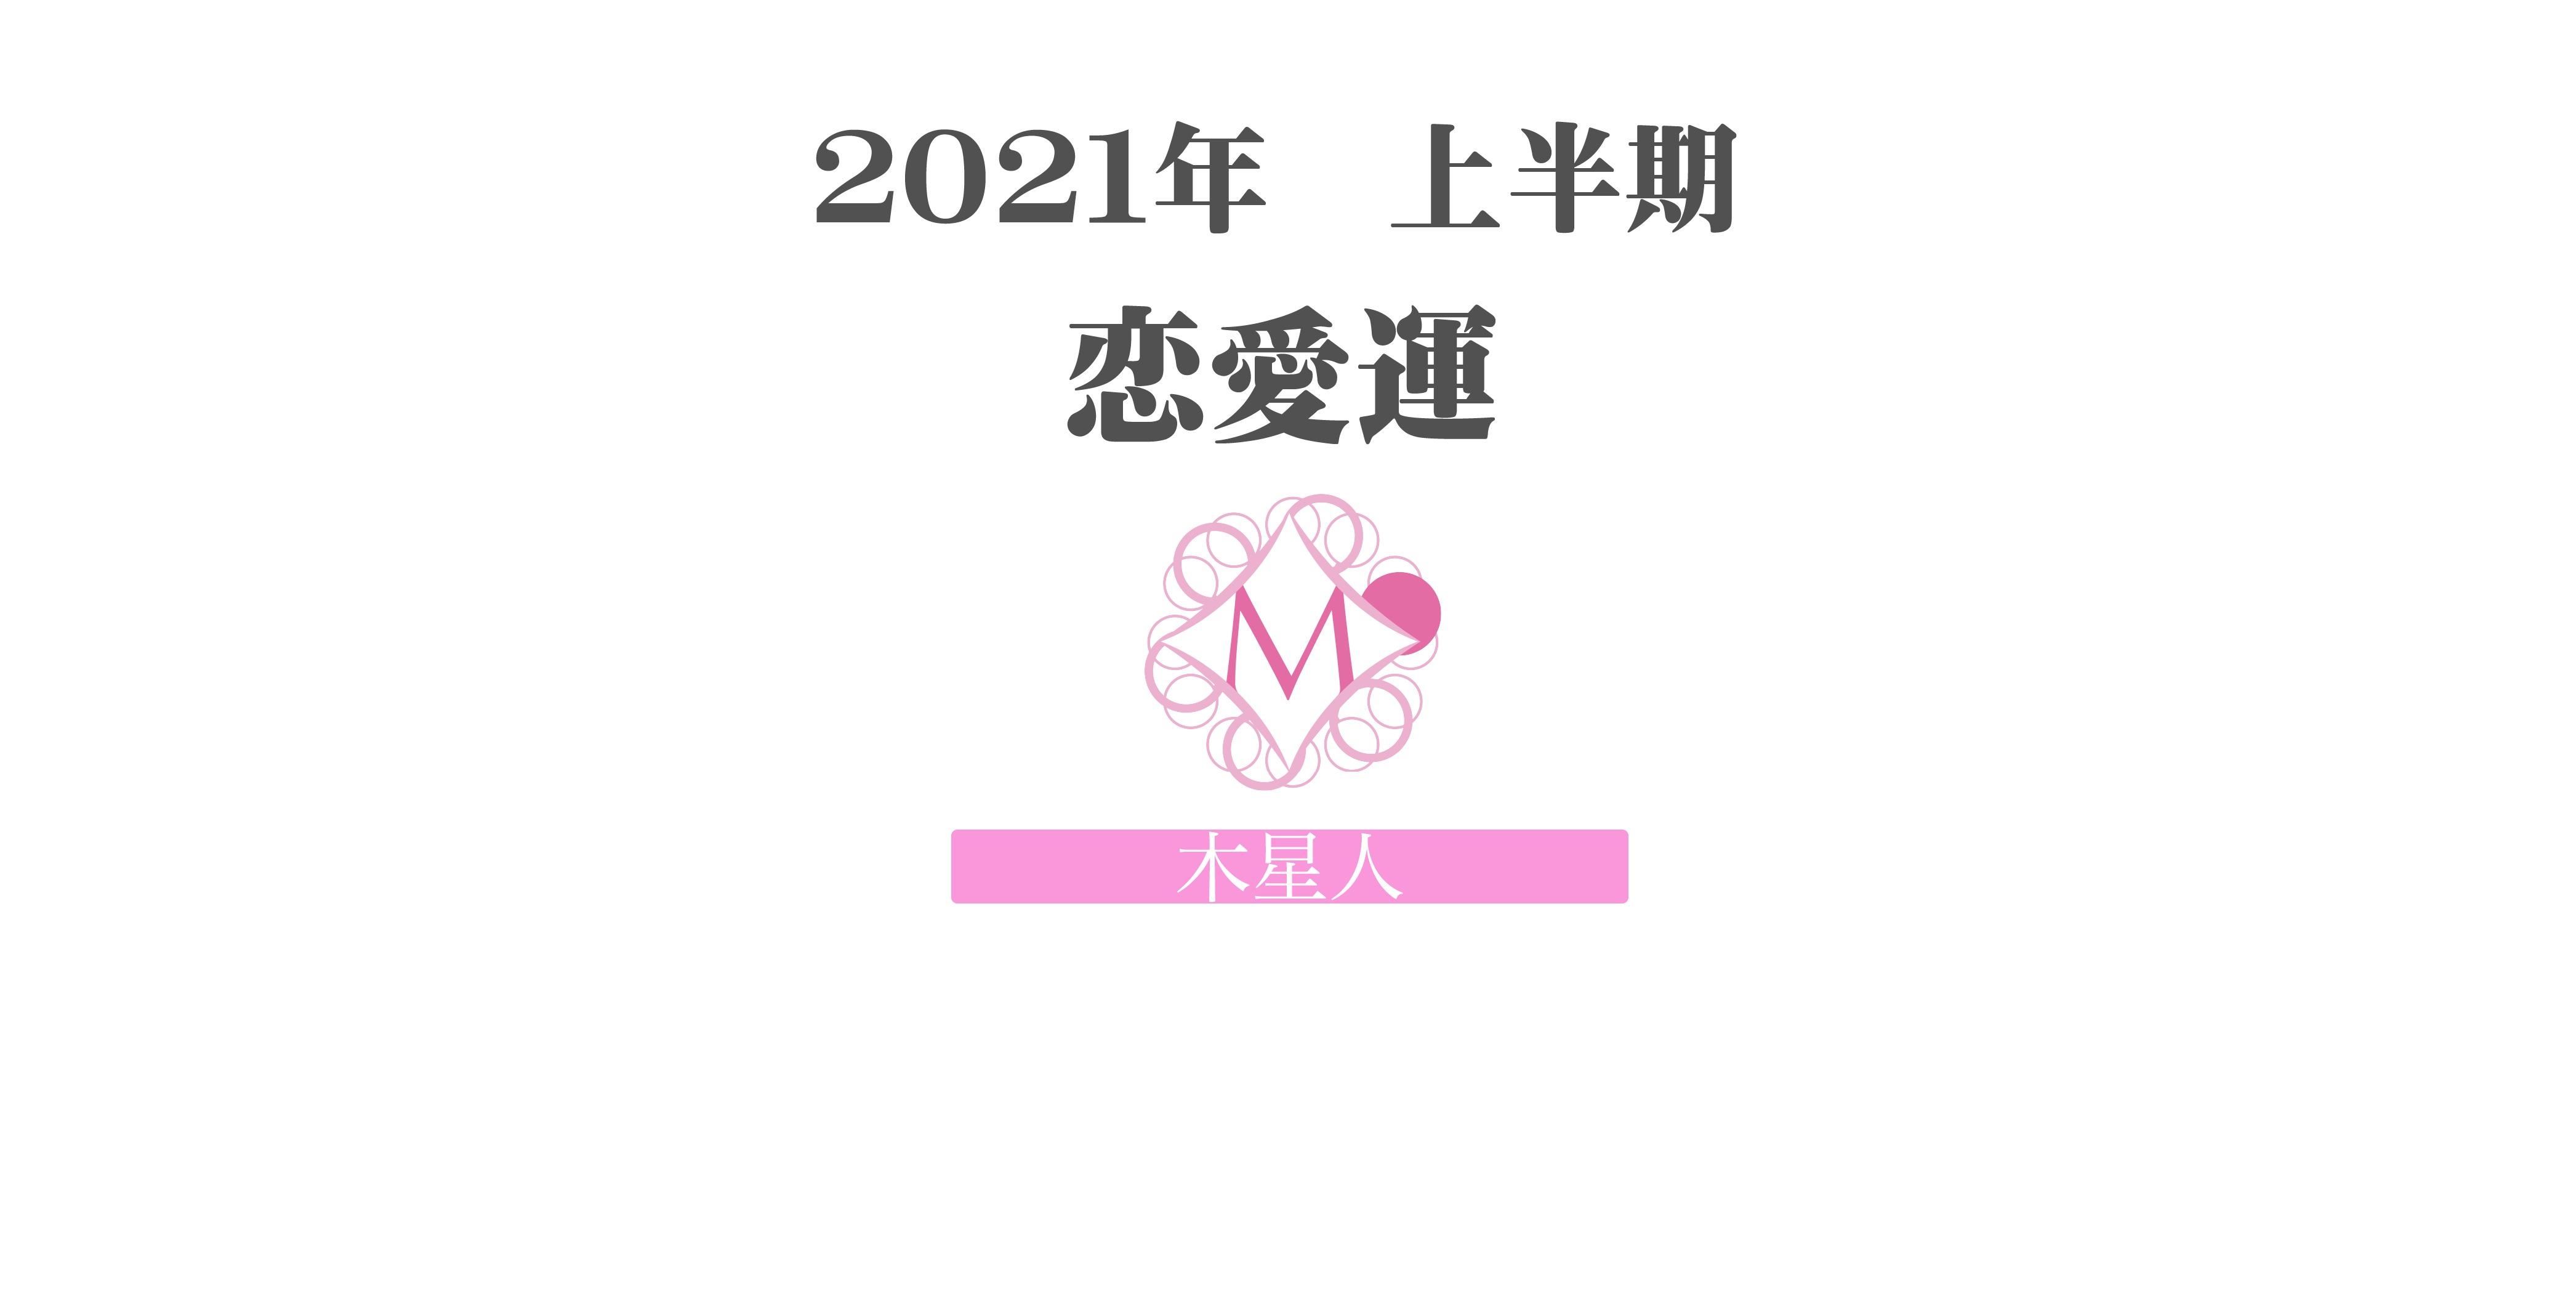 【木星人】の2021年上半期恋愛運